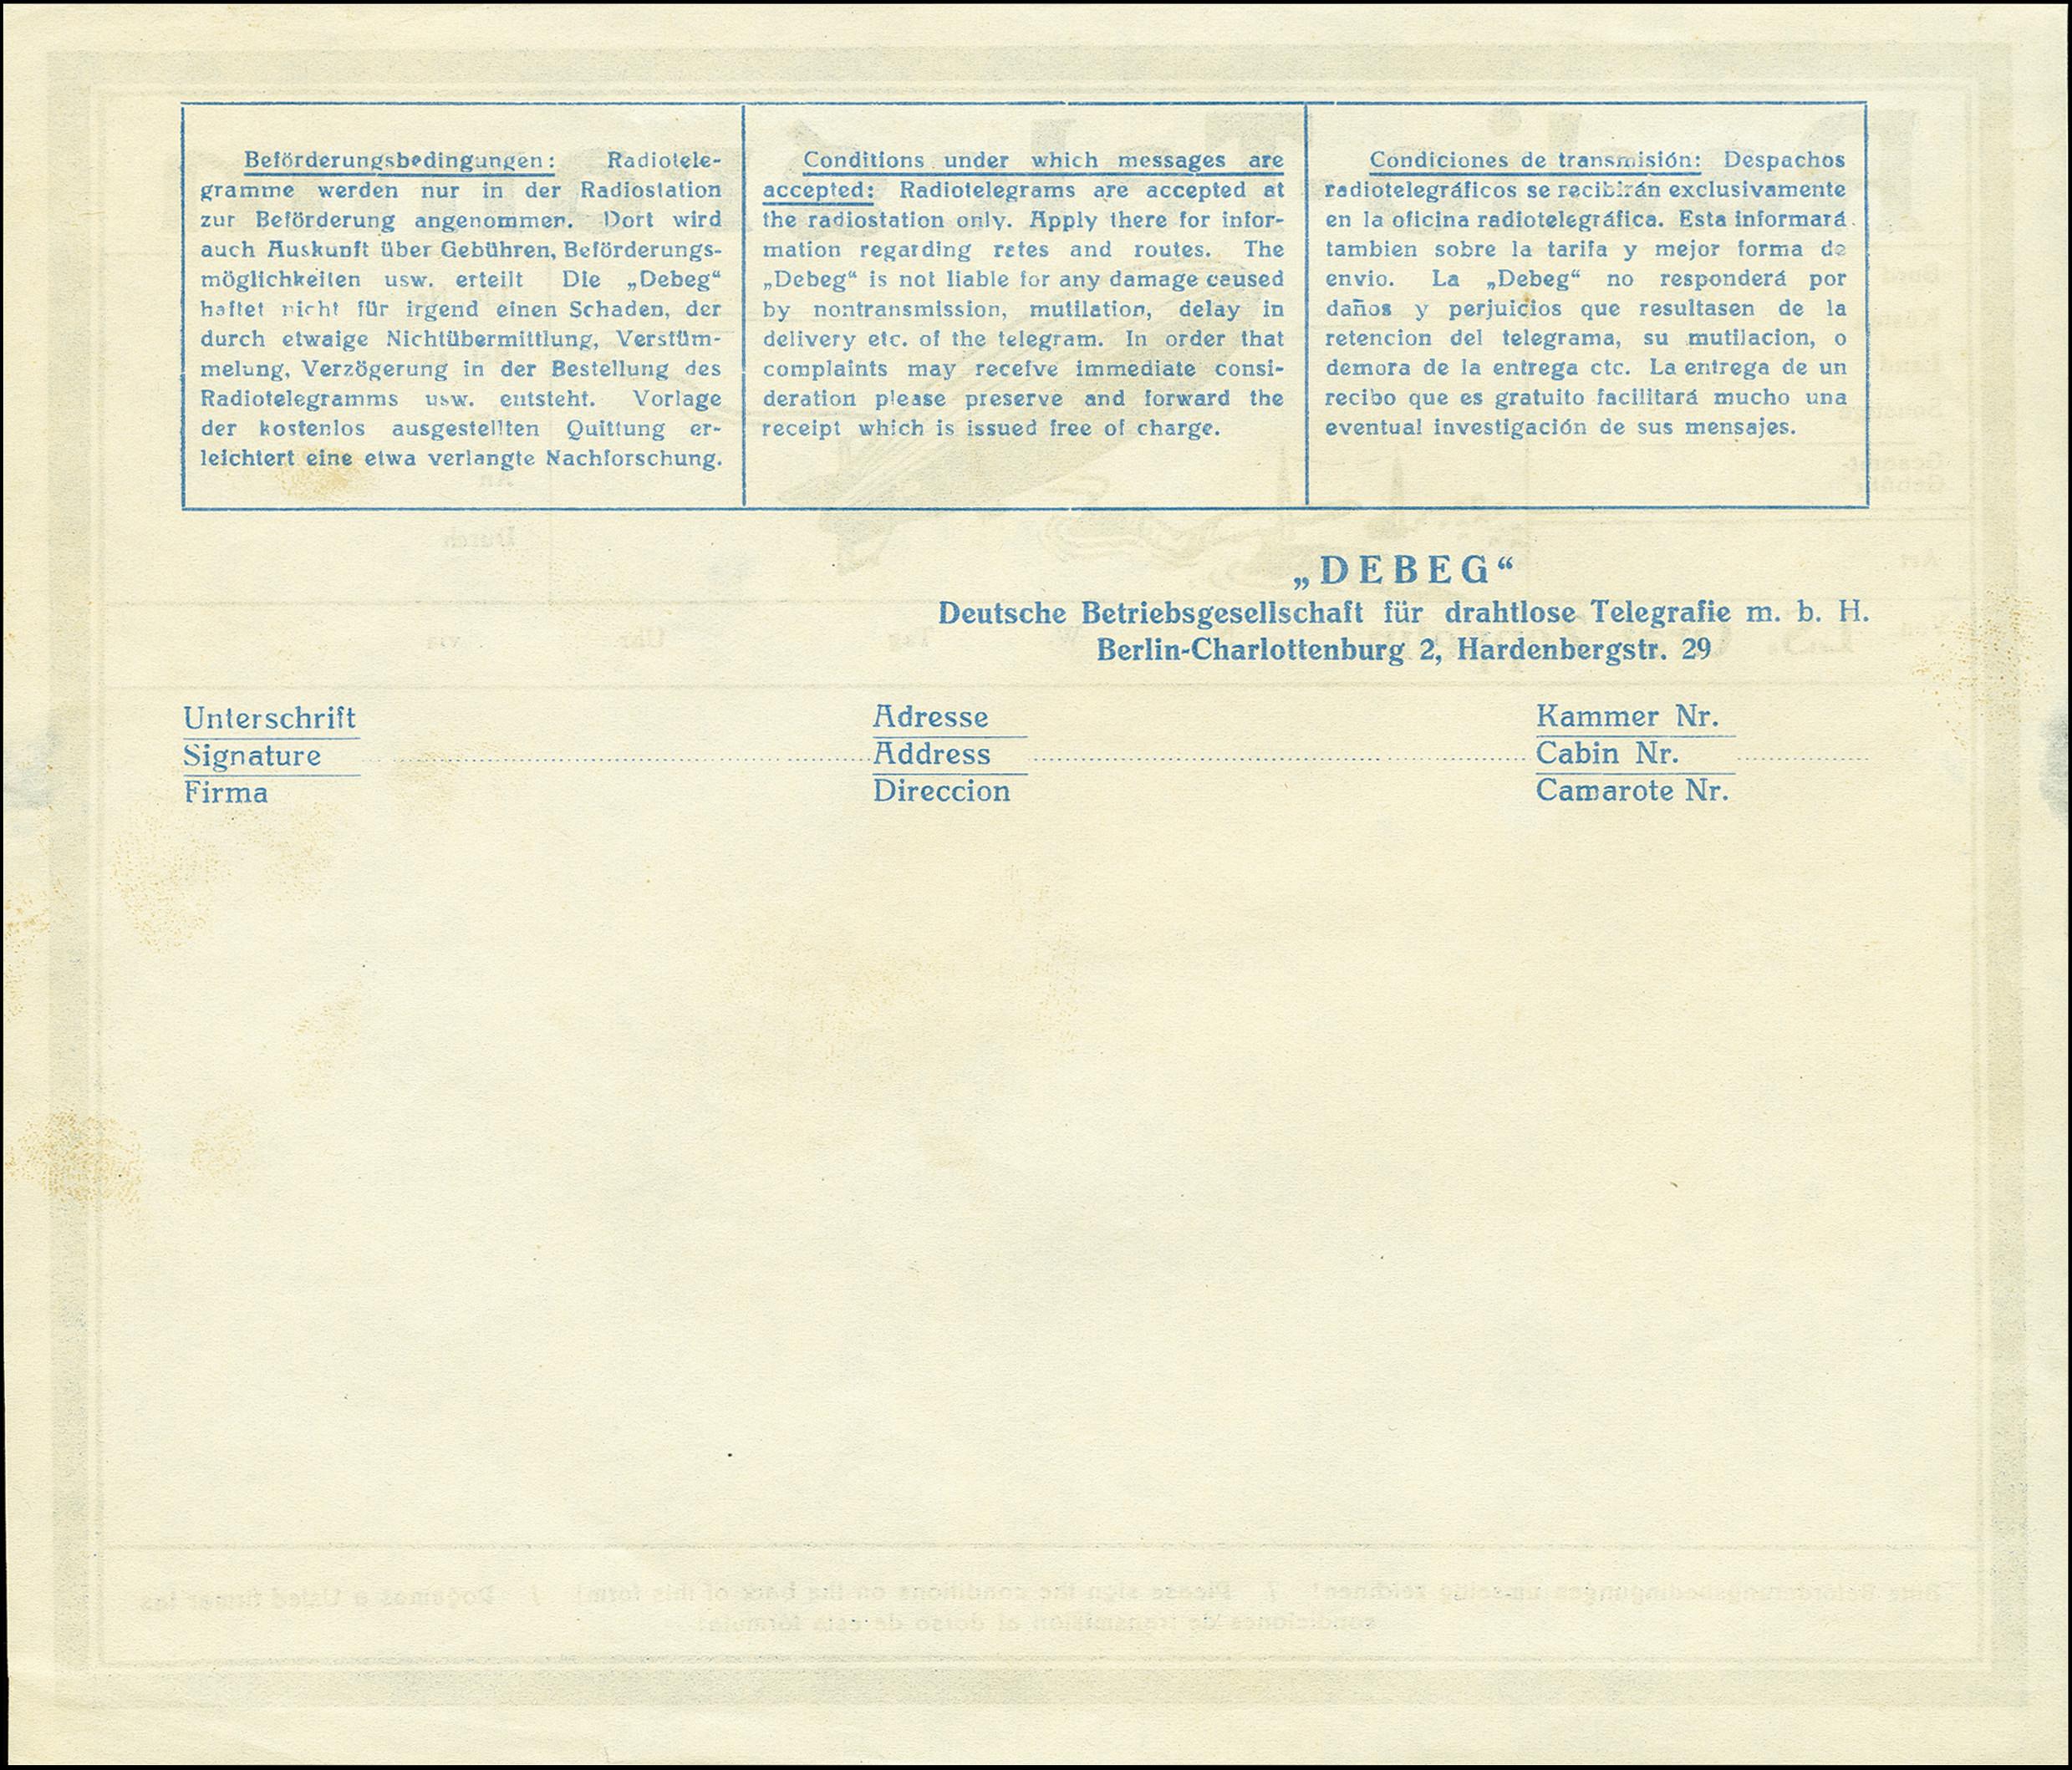 Lot 2298 - luftpost zeppelin -  Heinrich Koehler Auktionen 375rd Heinrich Köhler auction - Day 1